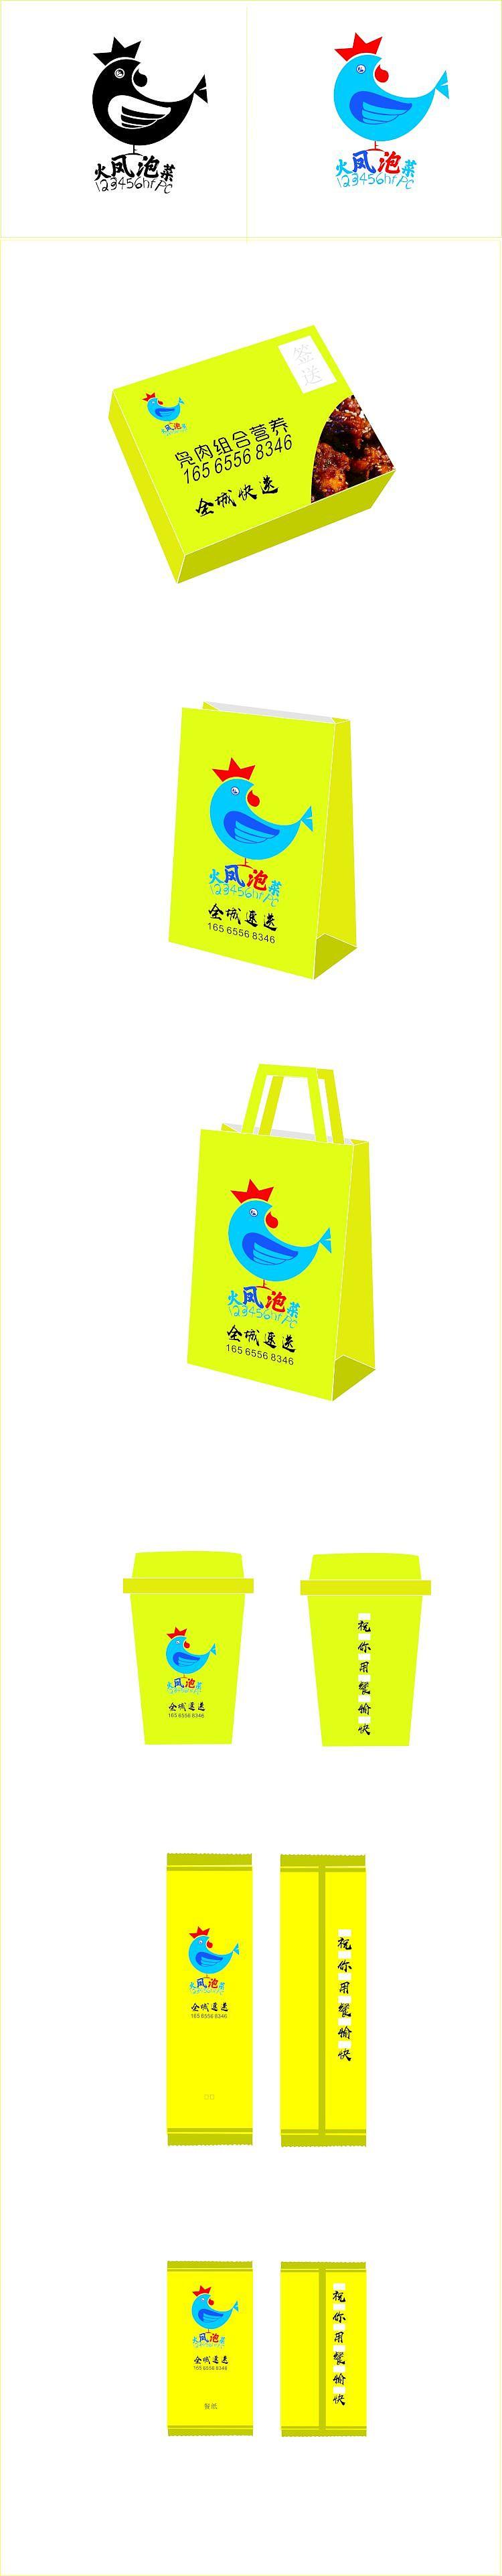 烤鸡手绘logo